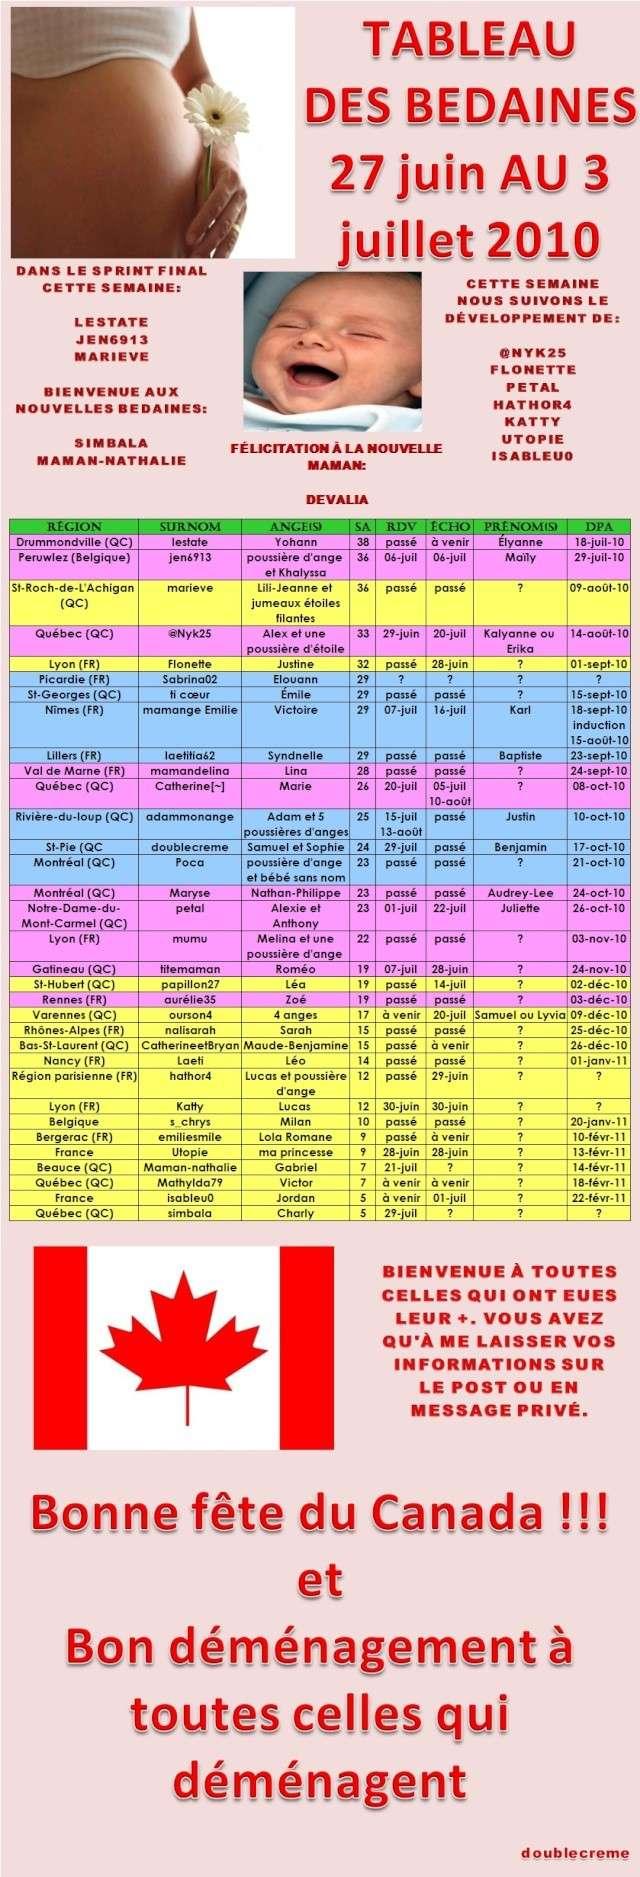 Tableau de bedaines - 27 juin au 3 juillet Tablea16